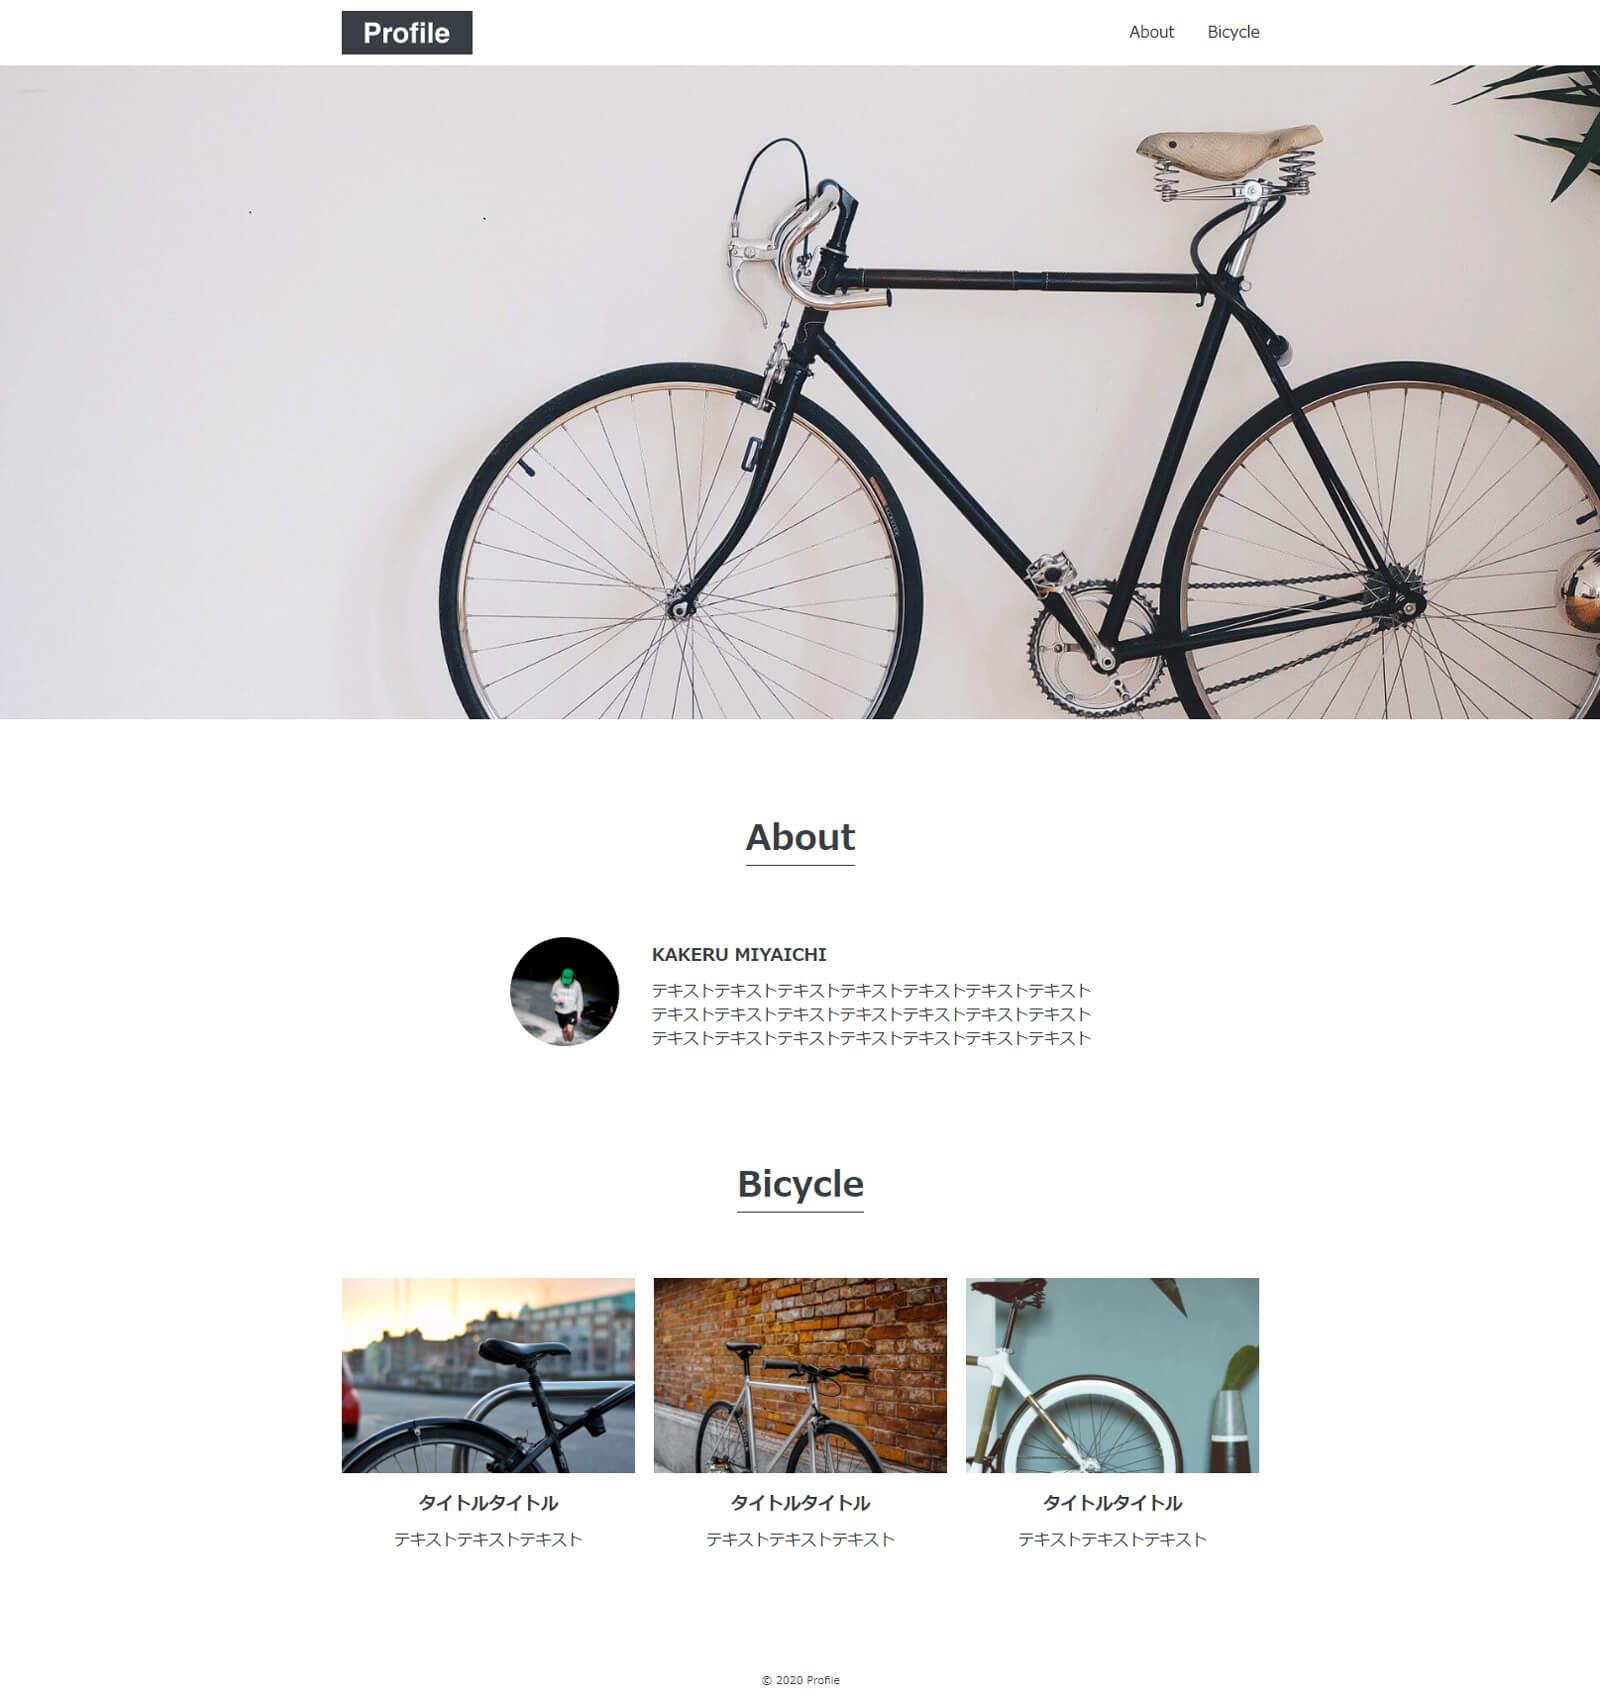 プロフィールサイトのPC表示イメージです。